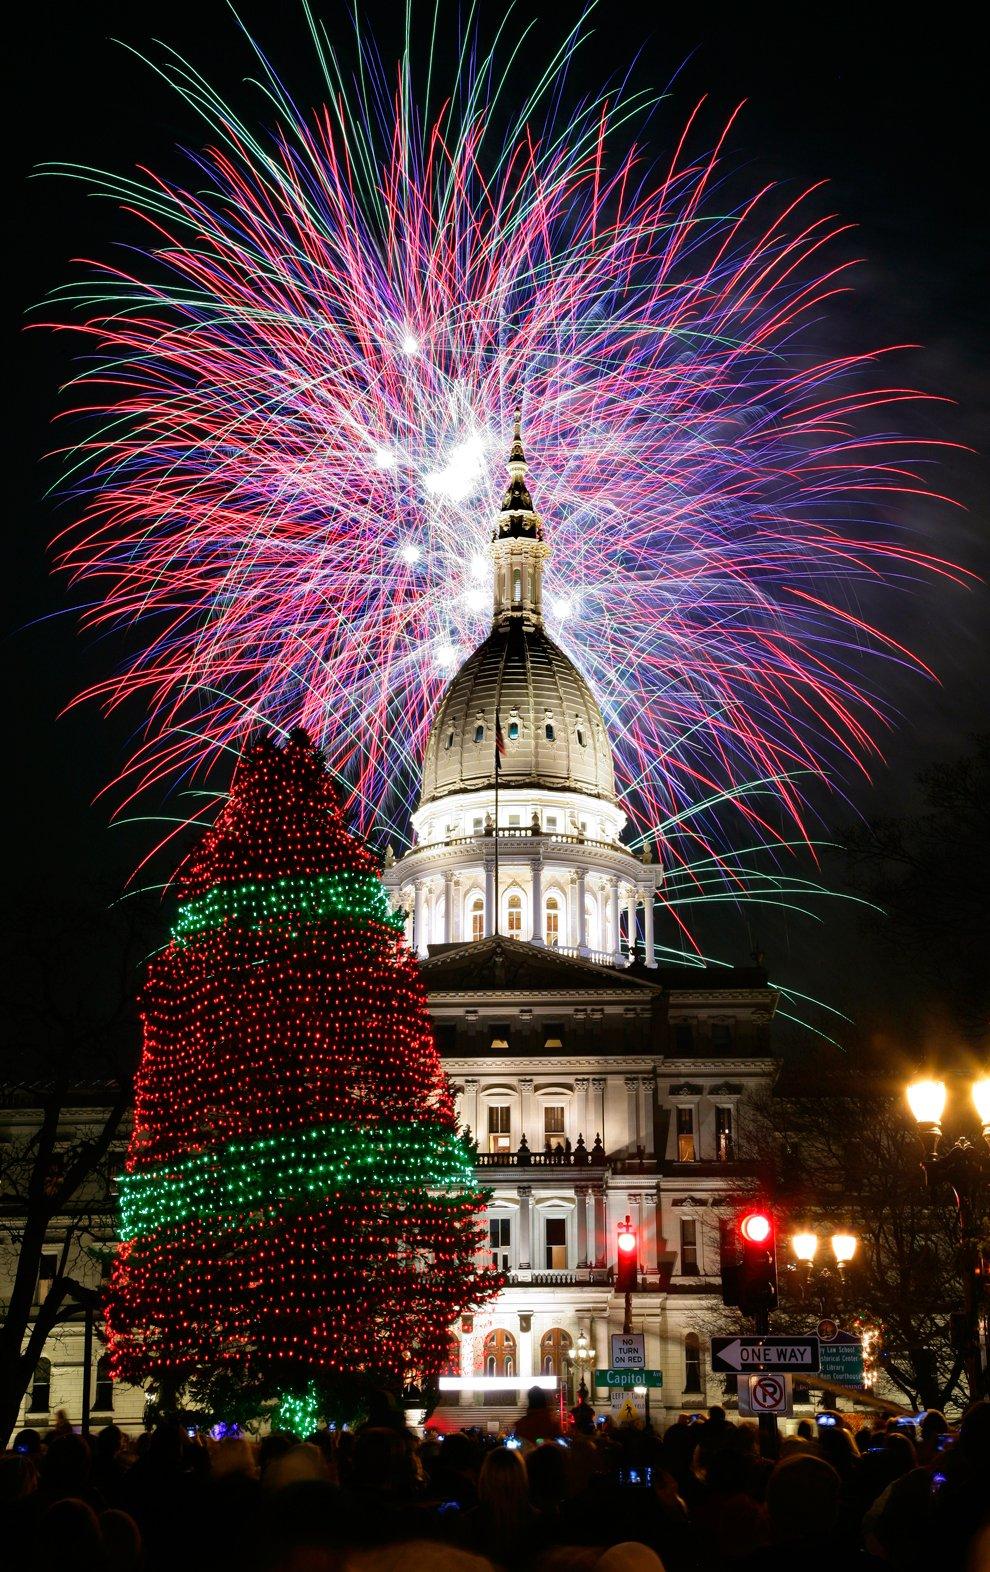 Церемония открытия установки Новогодней елки у Капитолия в городе Лансинг, штат Мичиган